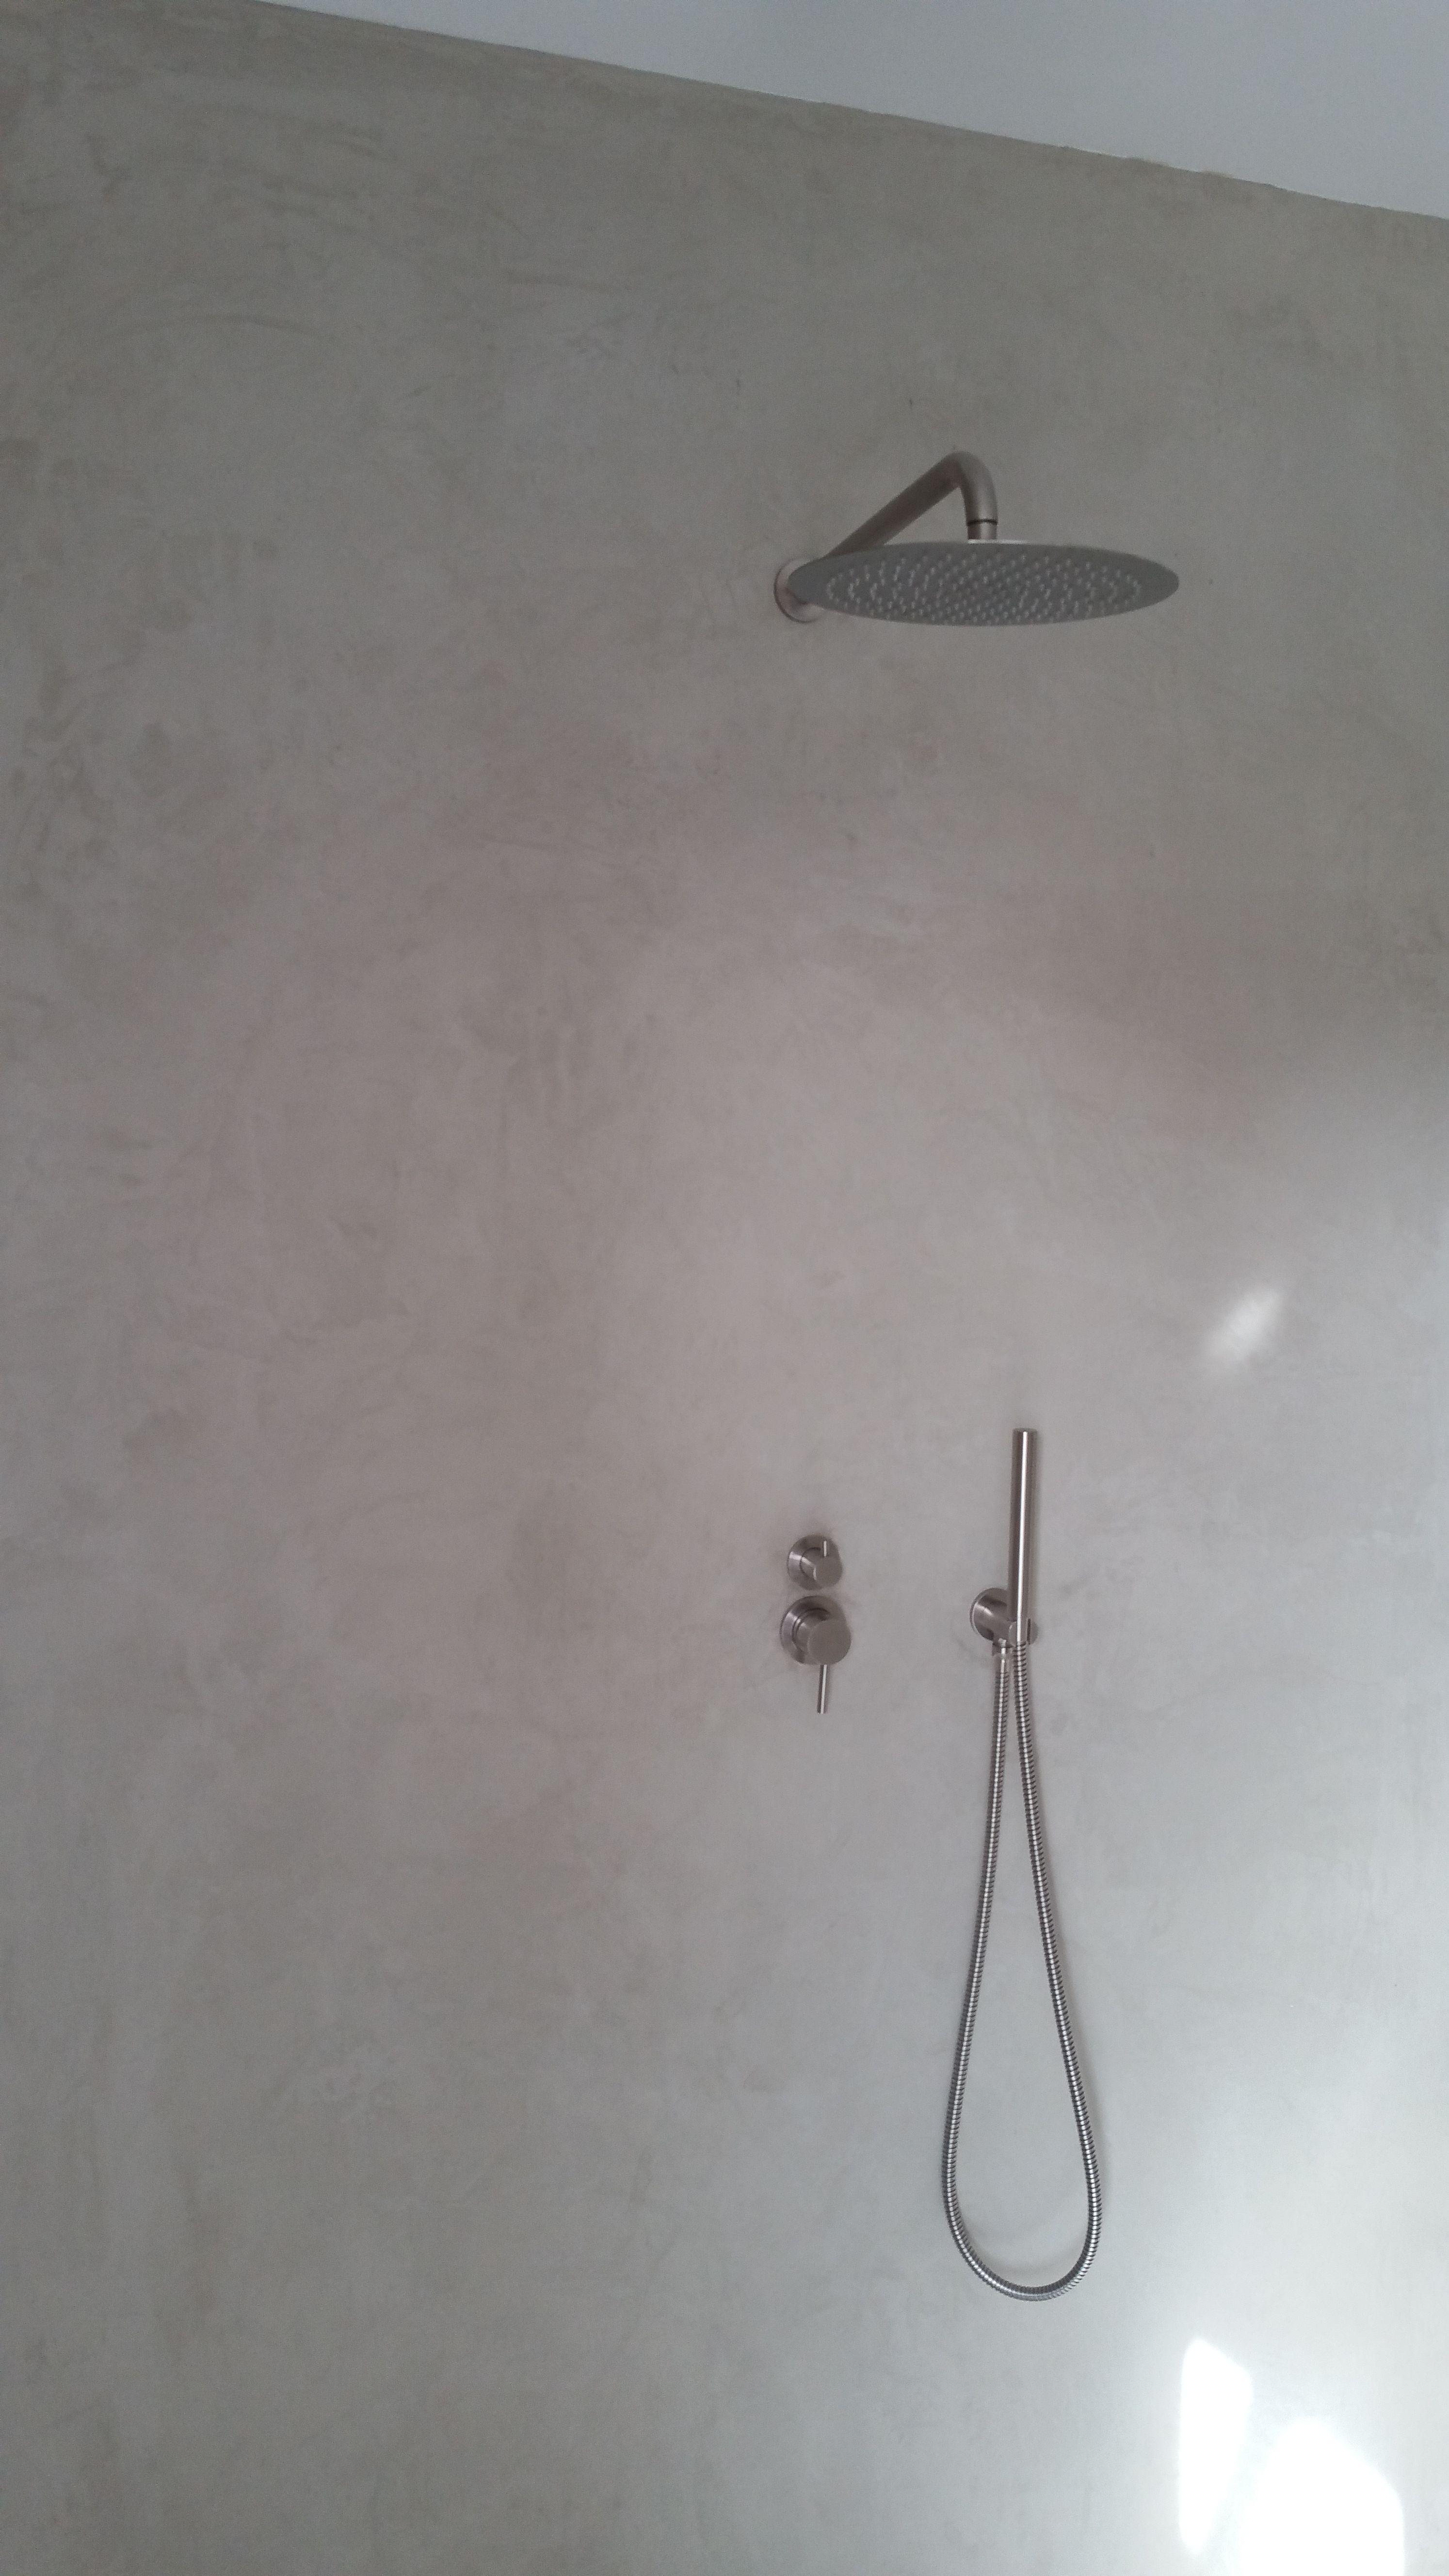 mikrozement - bad ohne fliesen sogar im duschbereich. auf der ... - Alternative Zu Fliesen In Der Dusche